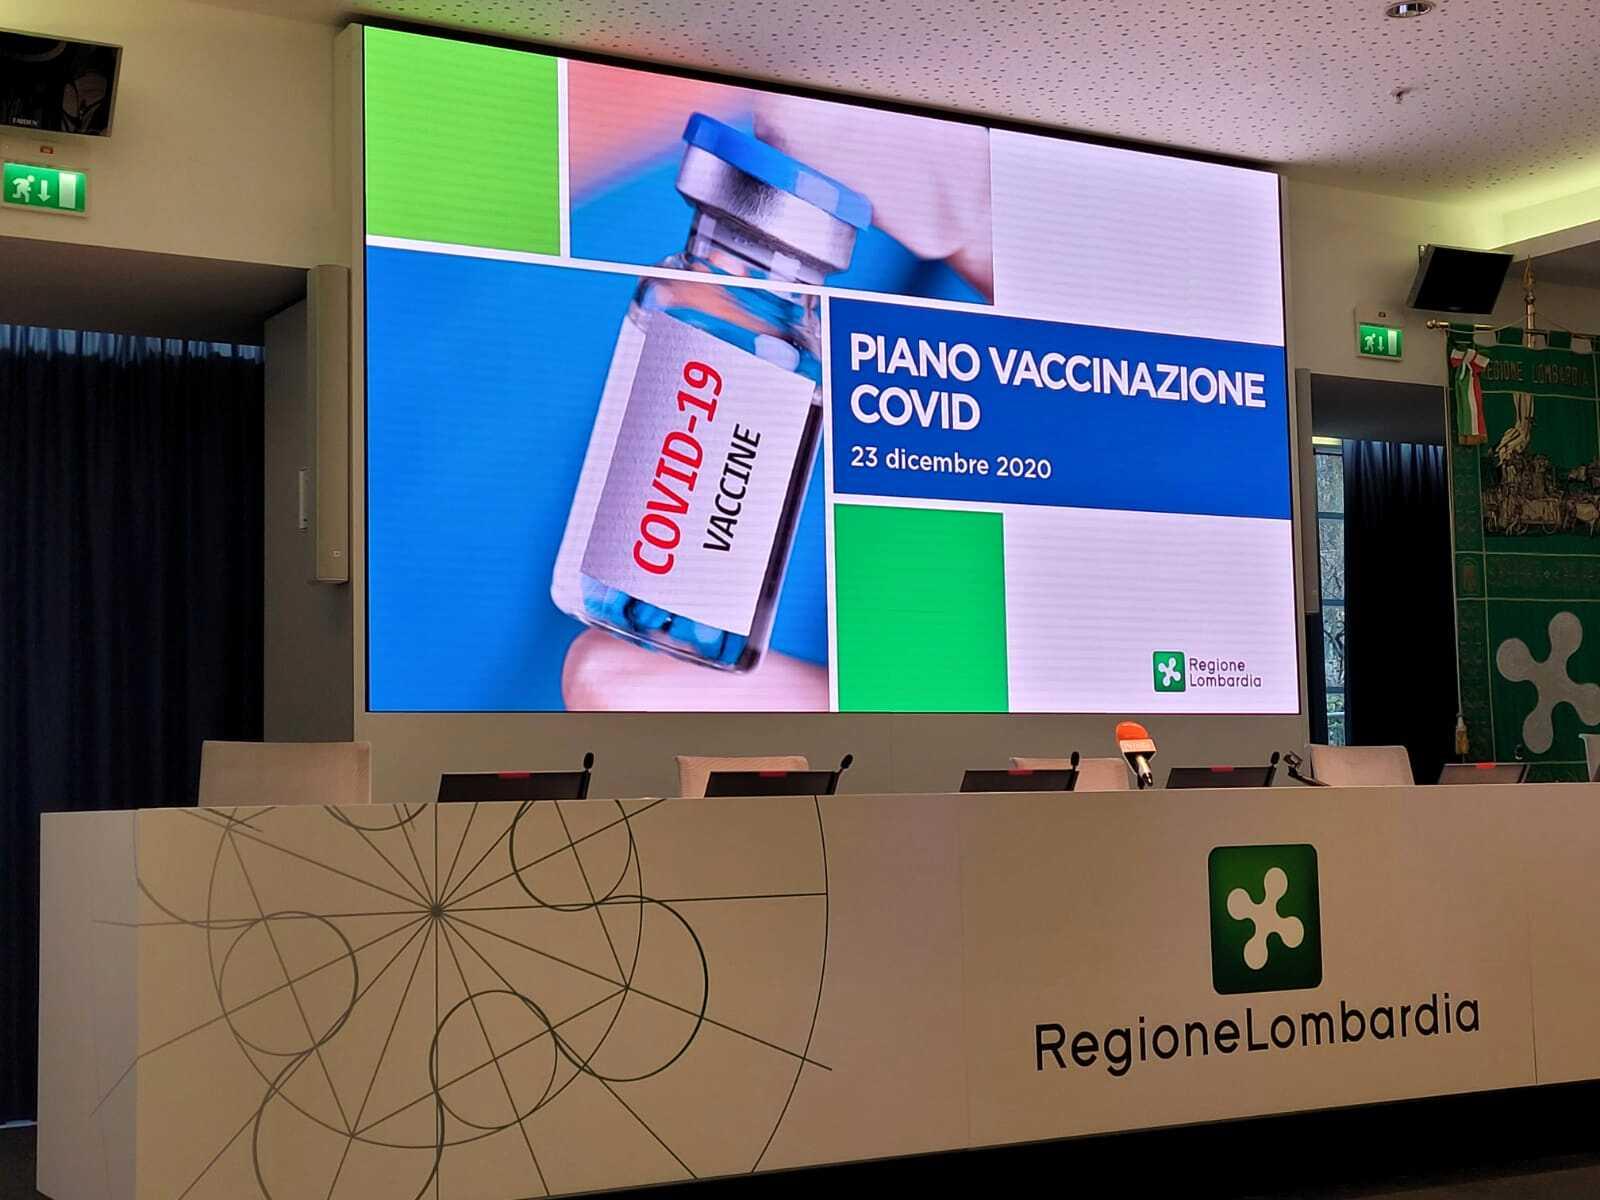 Piano Vaccini a Milano e in Lombardia, covid coronavirus (1)-2